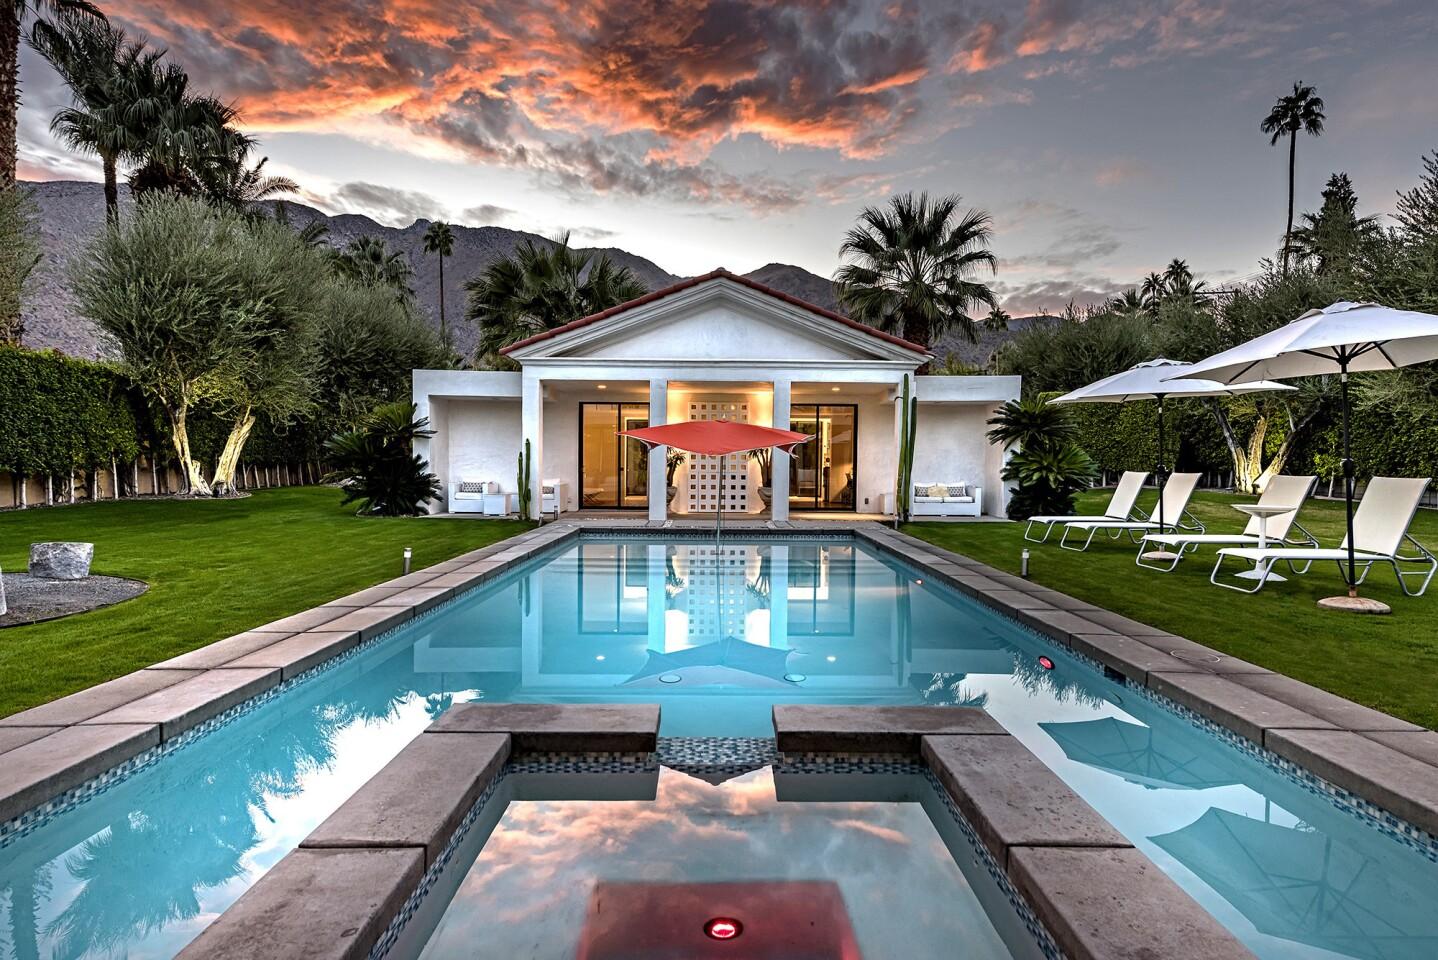 Vintage SoCal   Studio head Jack Warner created his own oasis in Palm Springs